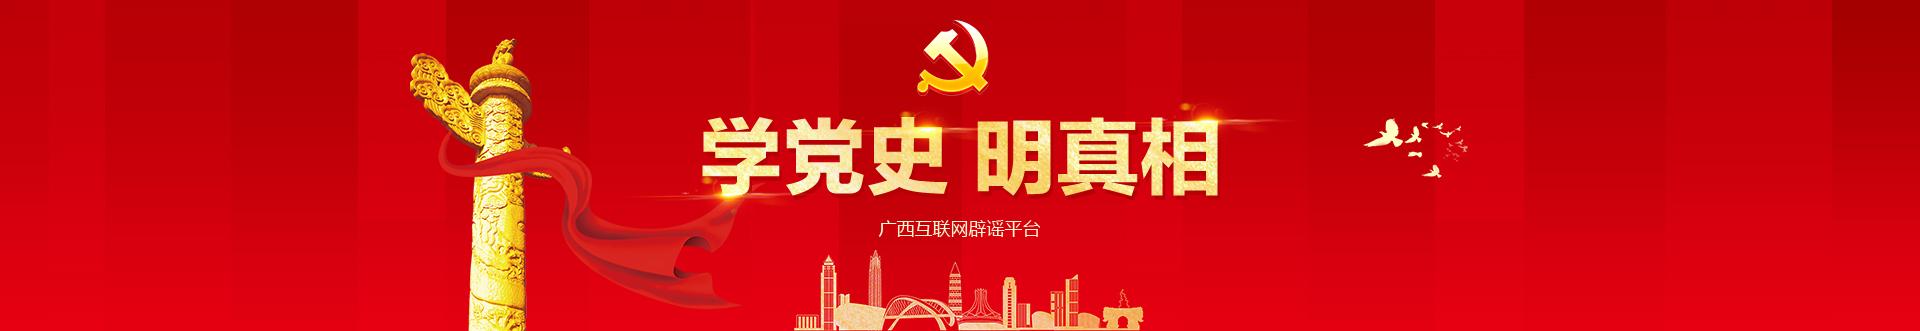 广西互联网辟谣平台